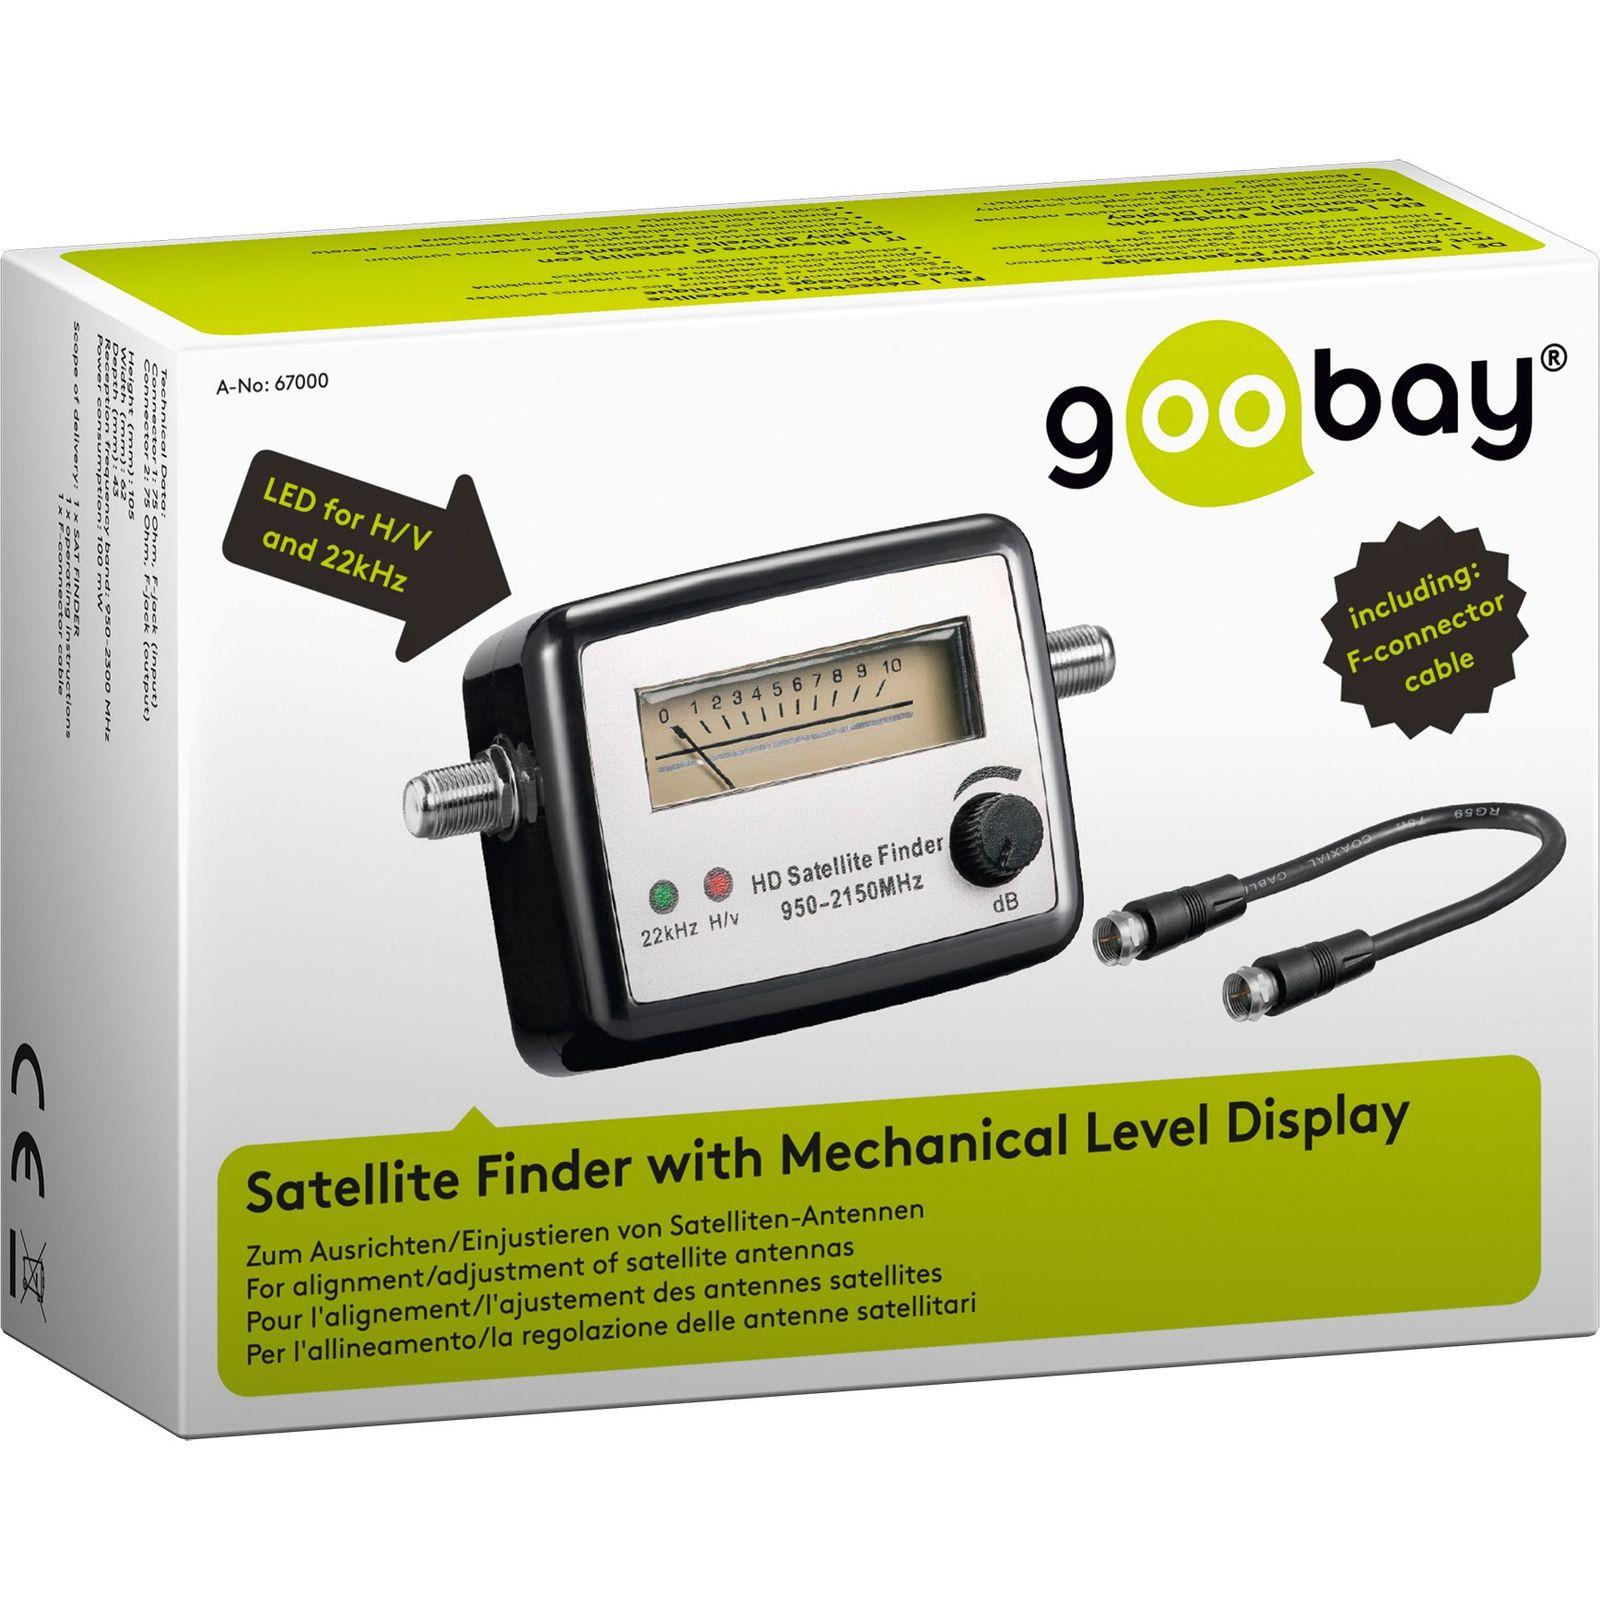 sat finder digital analog satfinder hdtv satelliten finder f kabel sat signal ebay. Black Bedroom Furniture Sets. Home Design Ideas